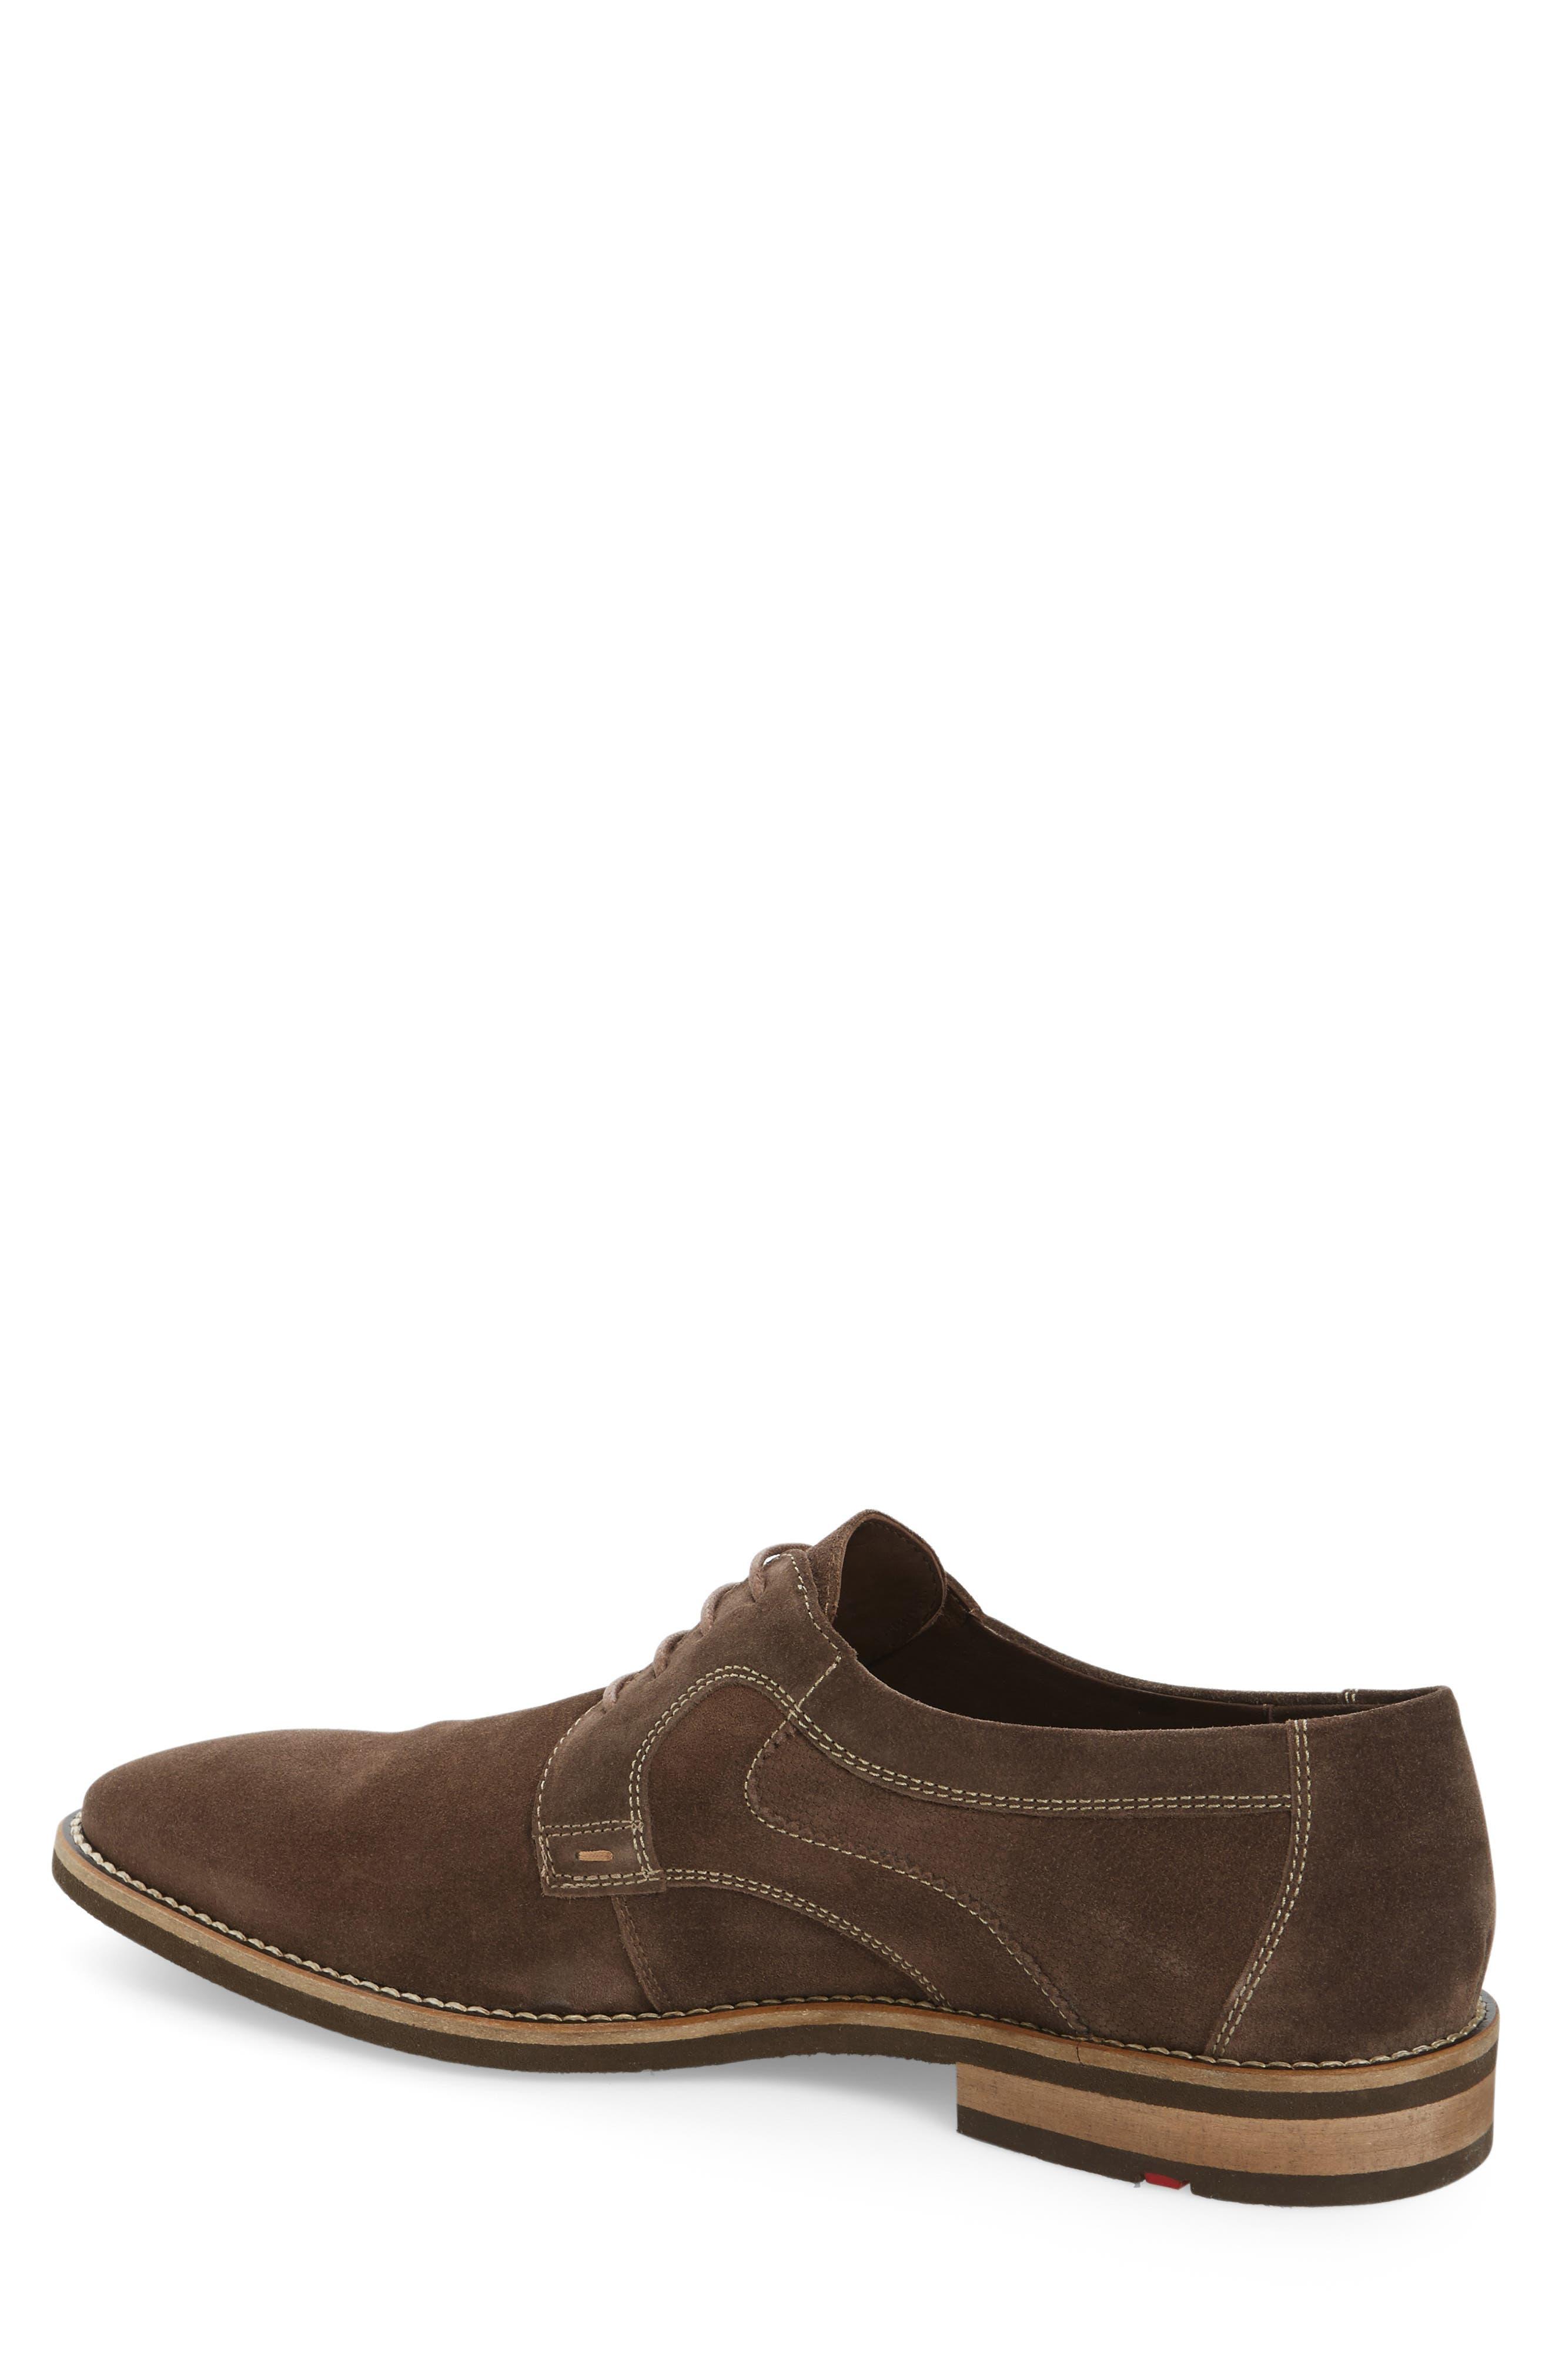 Haarlem Buck Shoe,                             Alternate thumbnail 2, color,                             Noce Brown